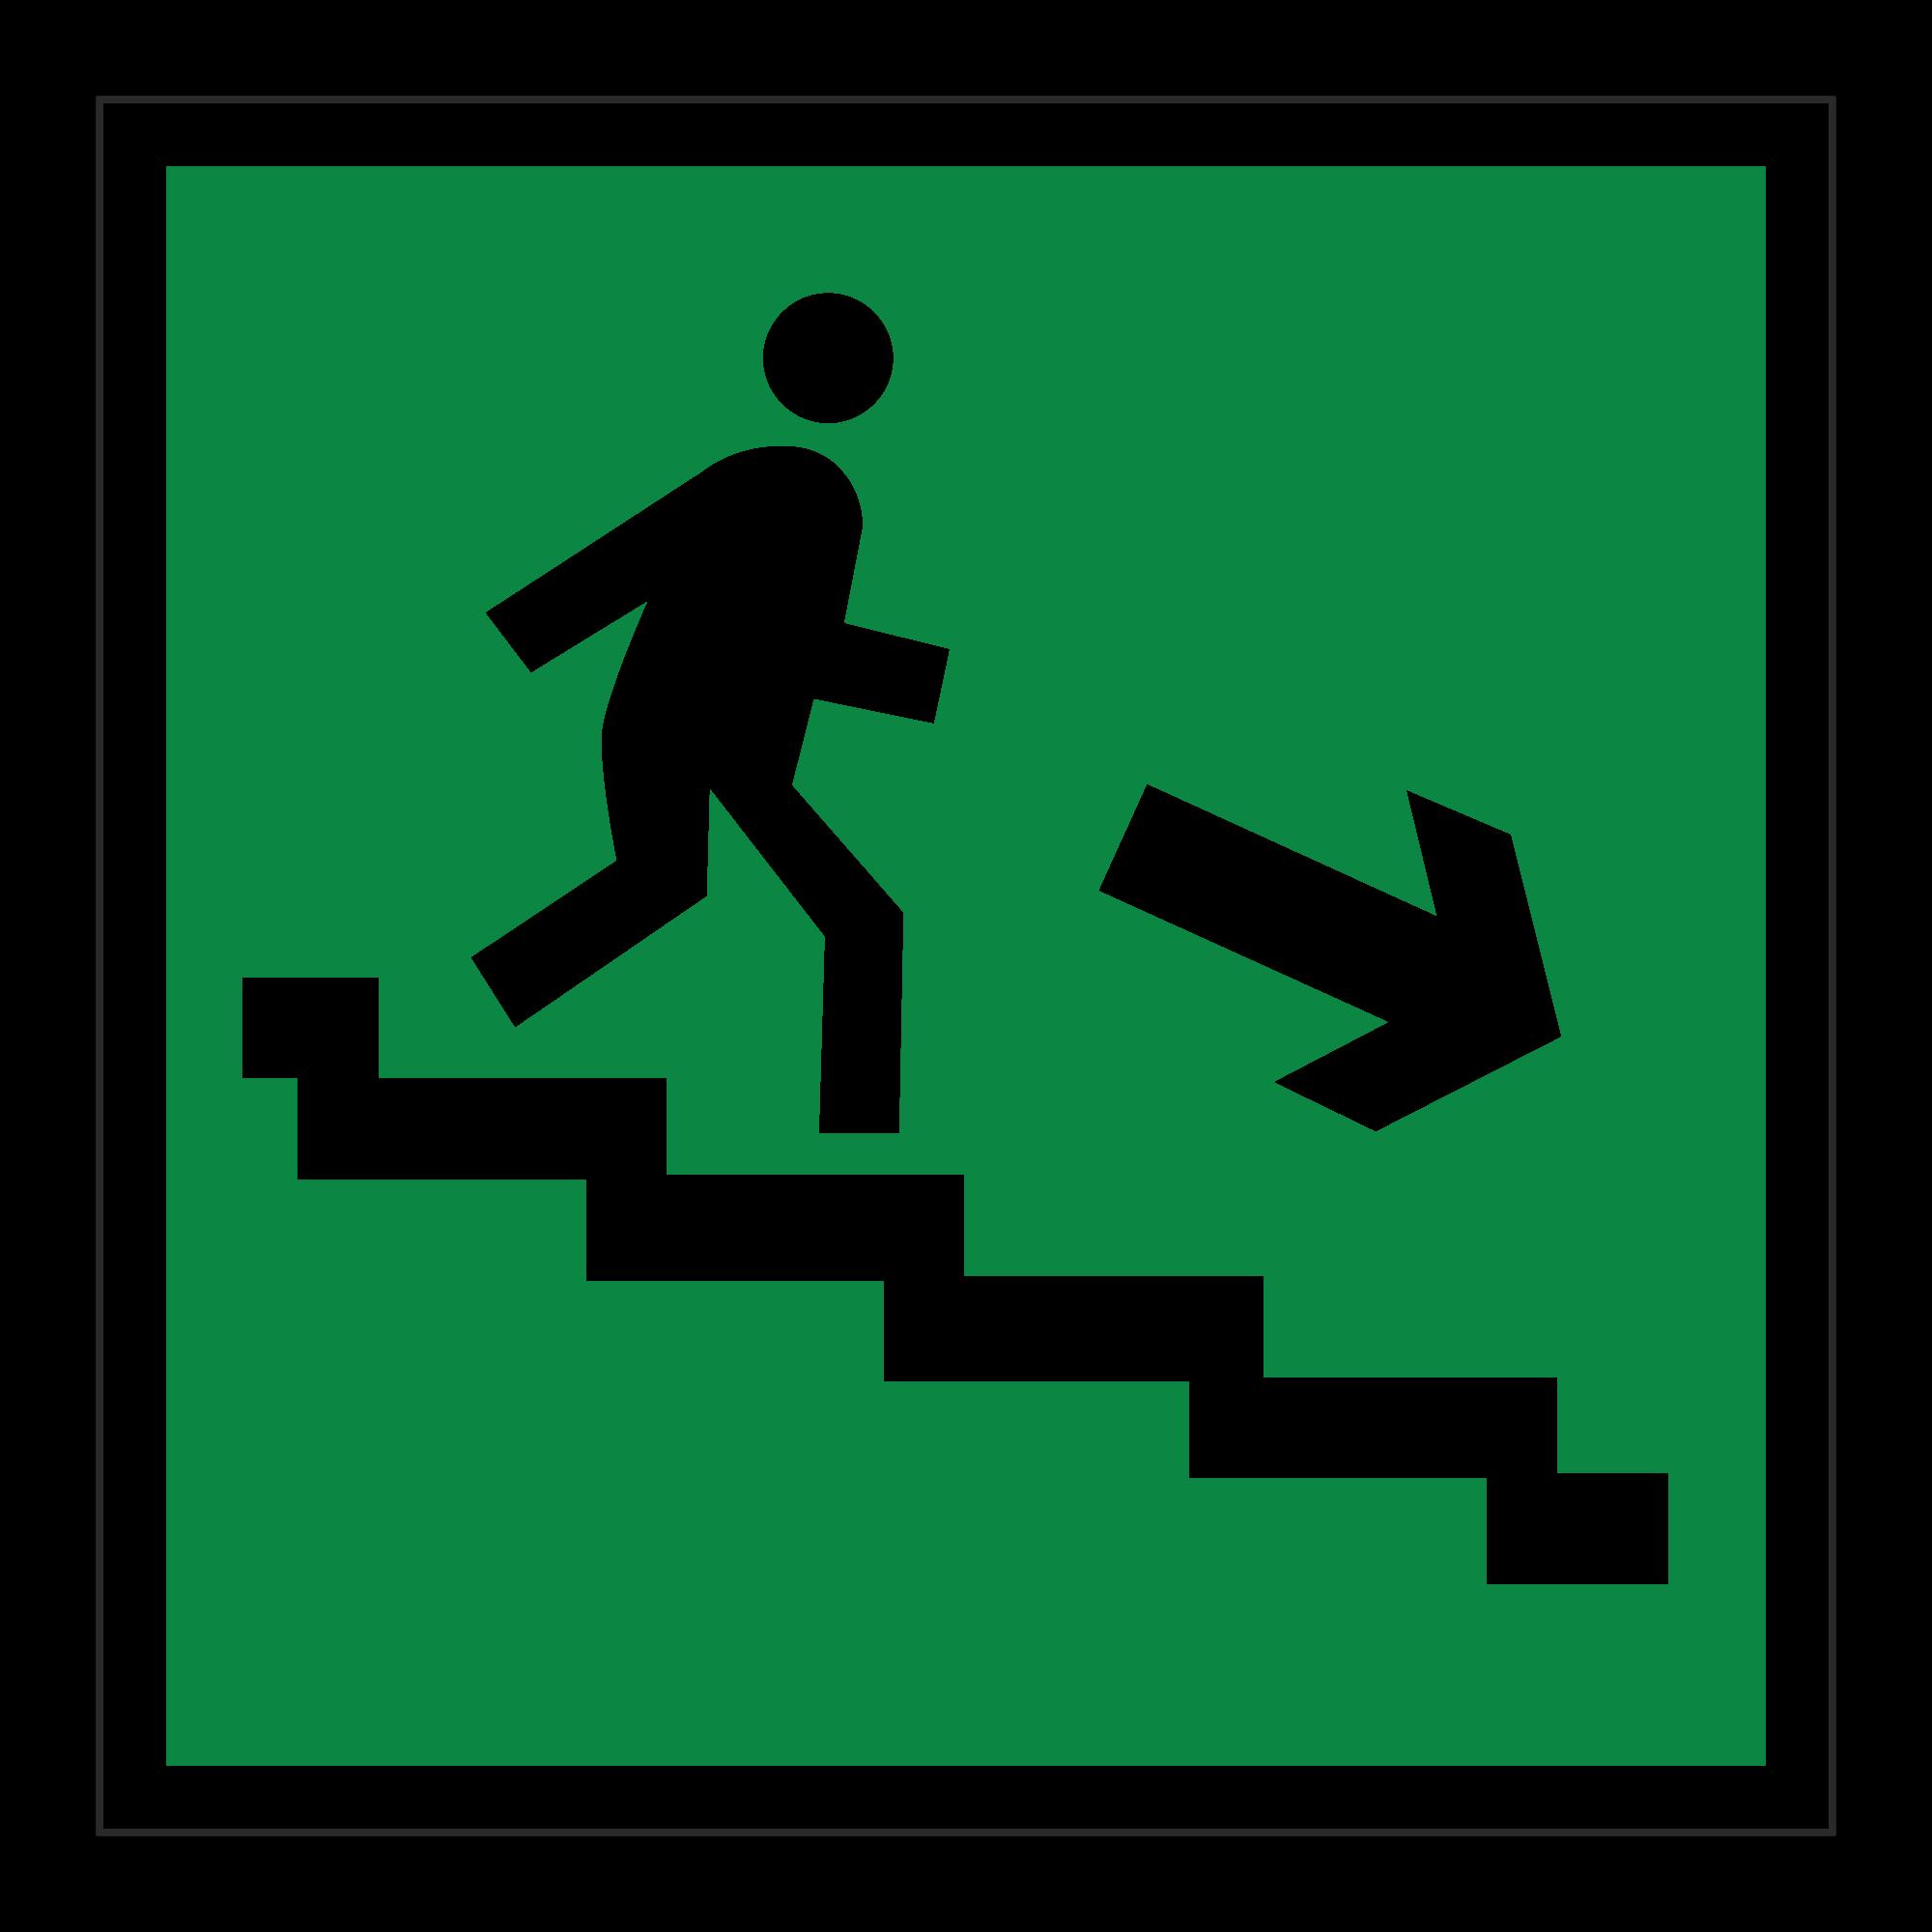 Е13 Направление к эвакуационному выходу по лестнице вниз (направо)